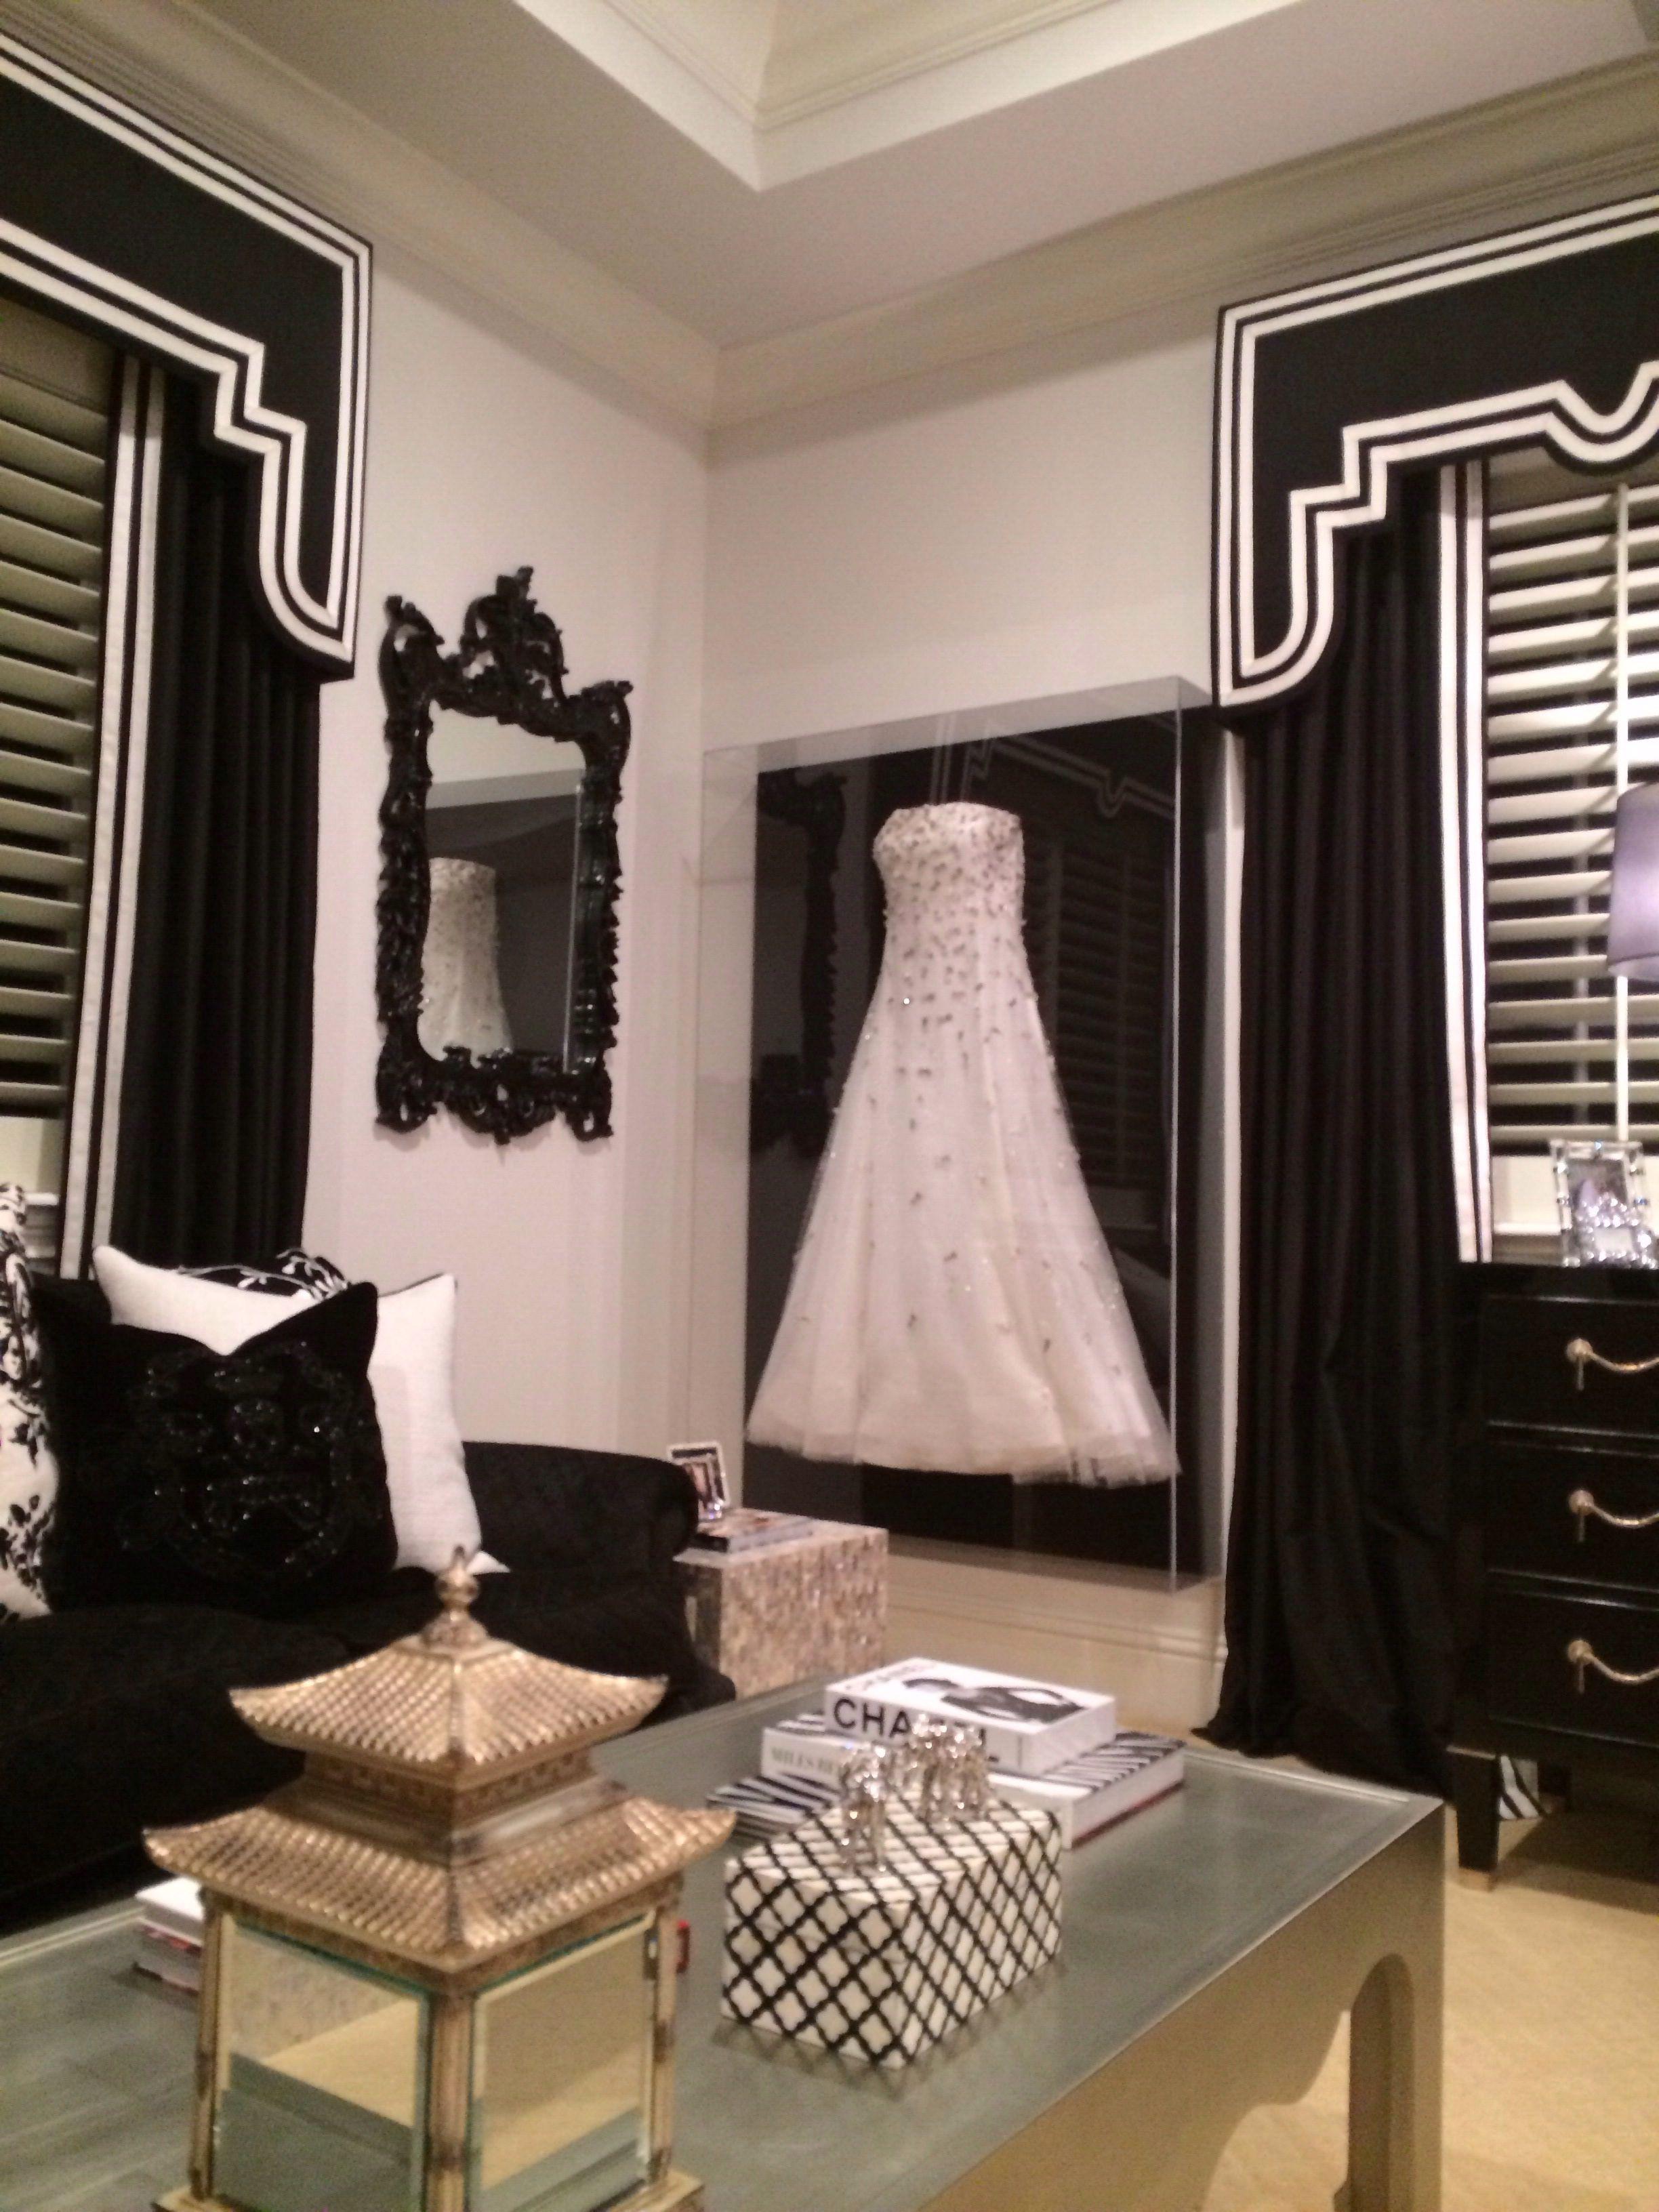 Framed wedding dress wedding dress frame wedding dress